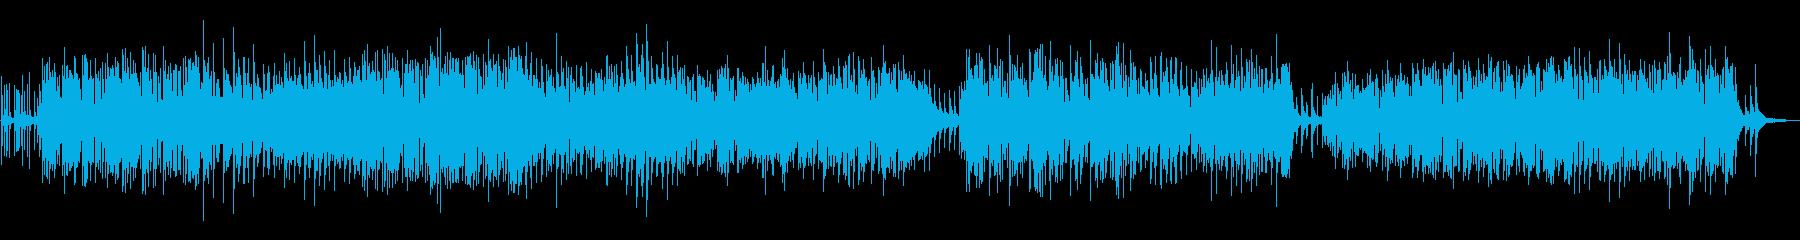 民族音楽 中世ヨーロッパの街の再生済みの波形